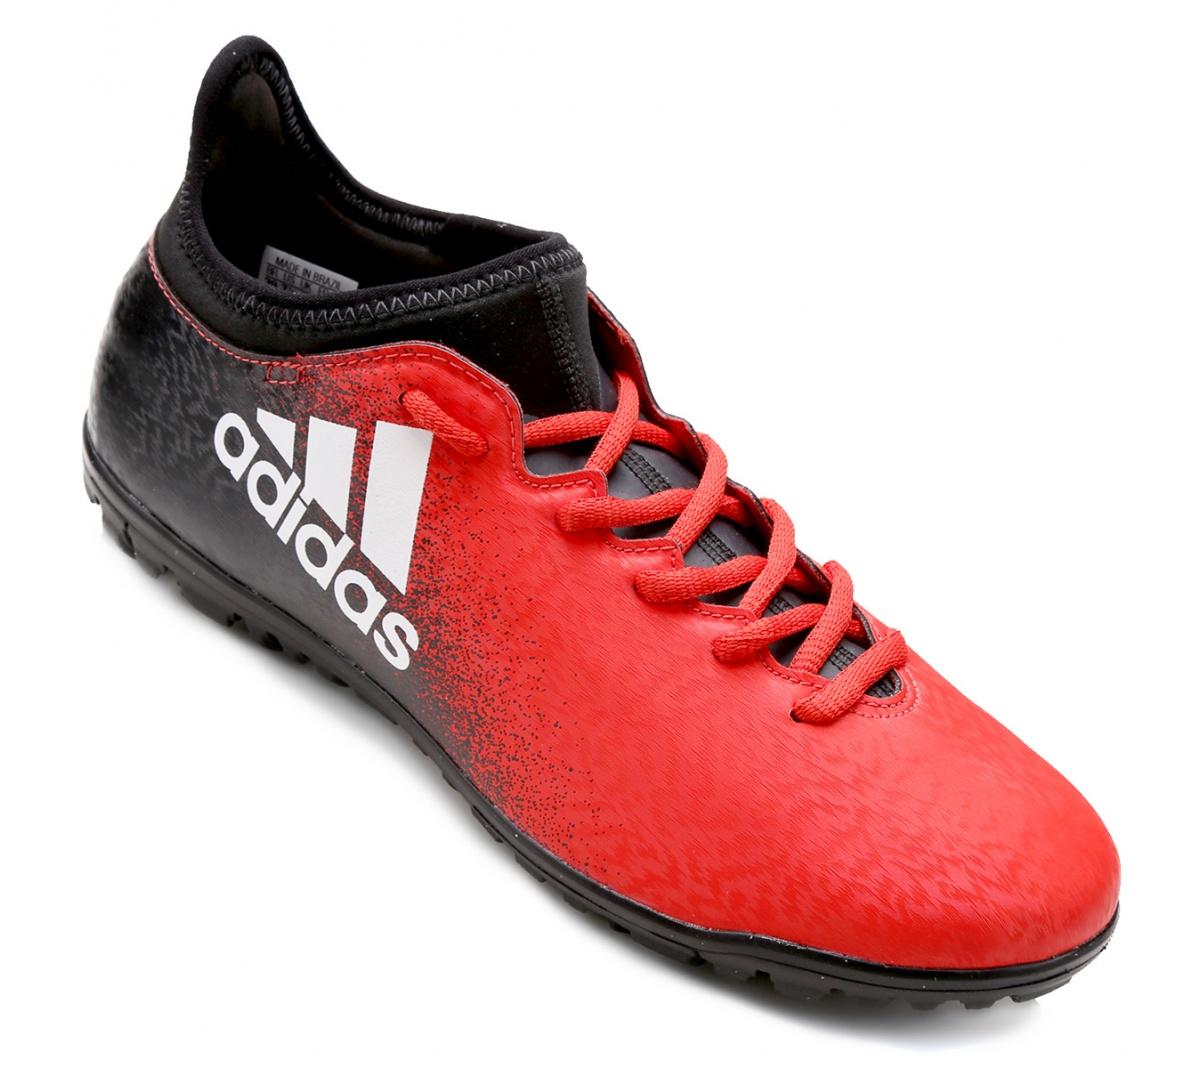 Chuteira Adidas X16.3  TF